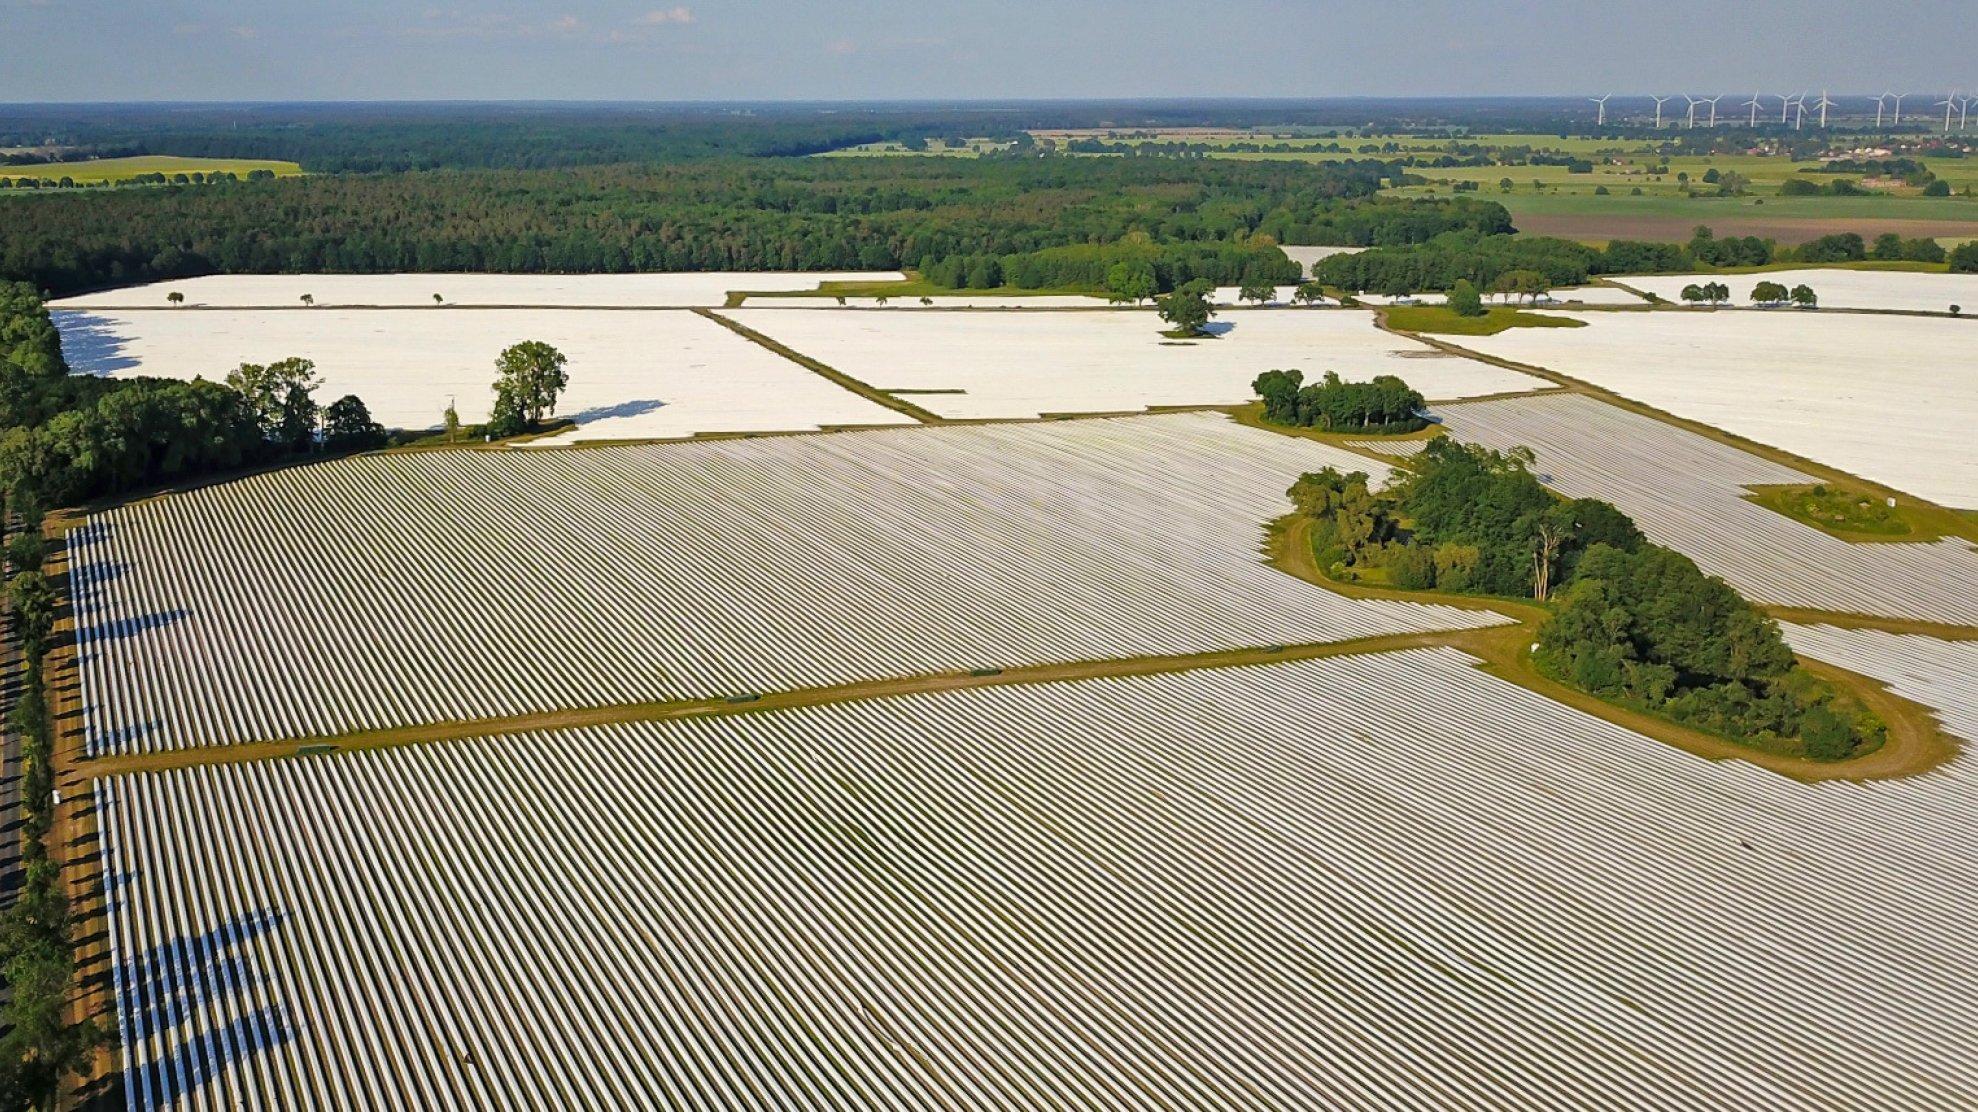 Luftaufnahme von Spargelfeldern, deren lange Erdwälle mit weißen Folienbahnen abgedeckt sind. Dazwischen einzelne Flecken mit Bäumen.